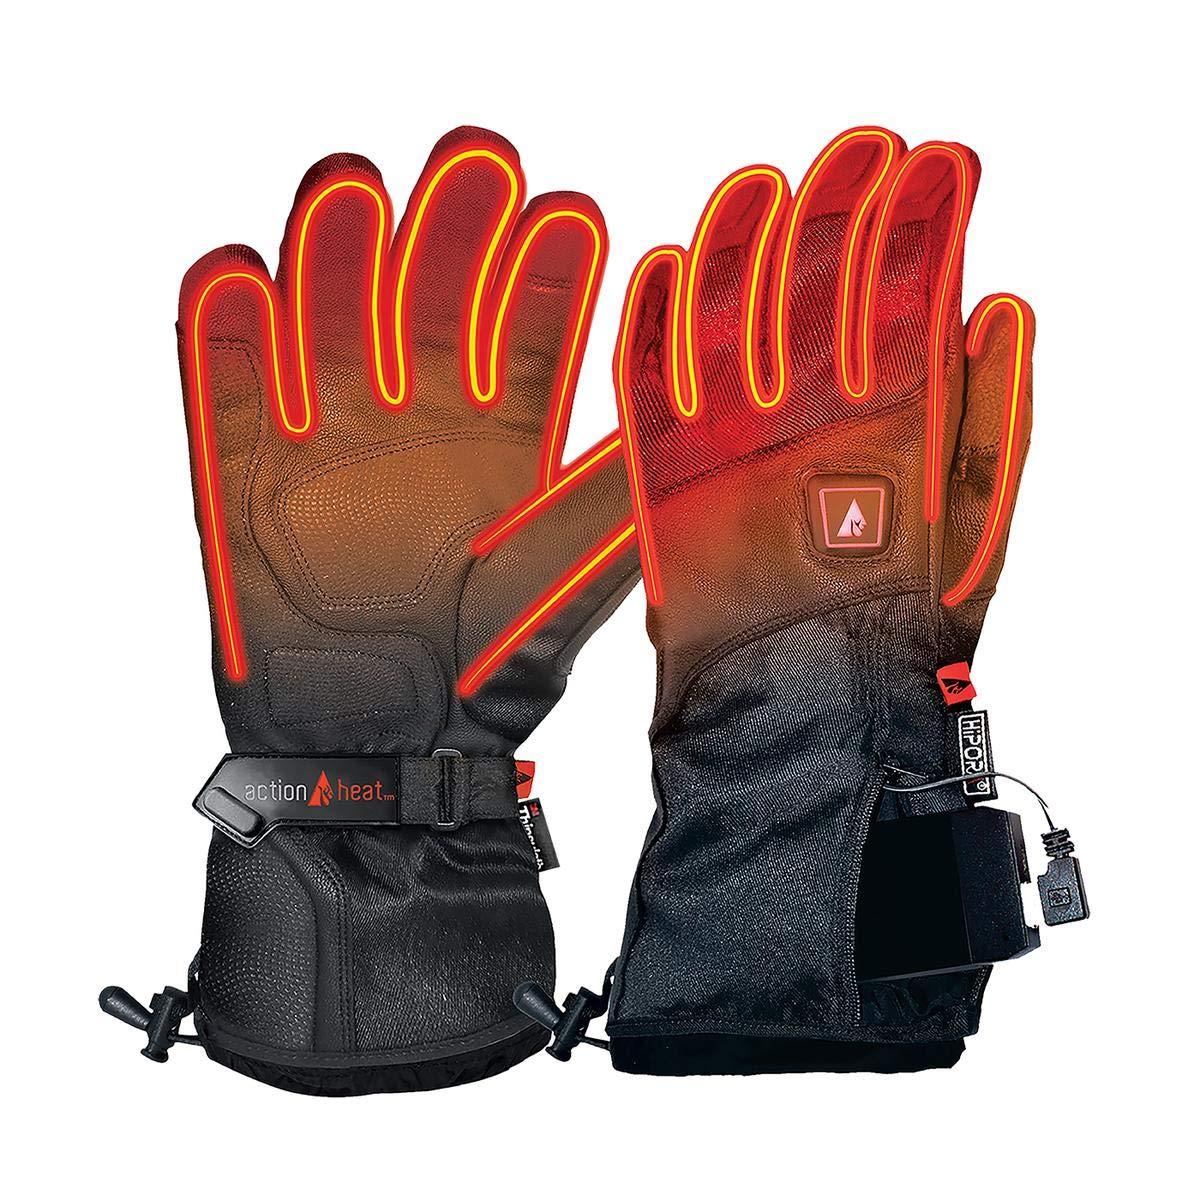 ActionHeat 5V Premium Heated Gloves - Women's